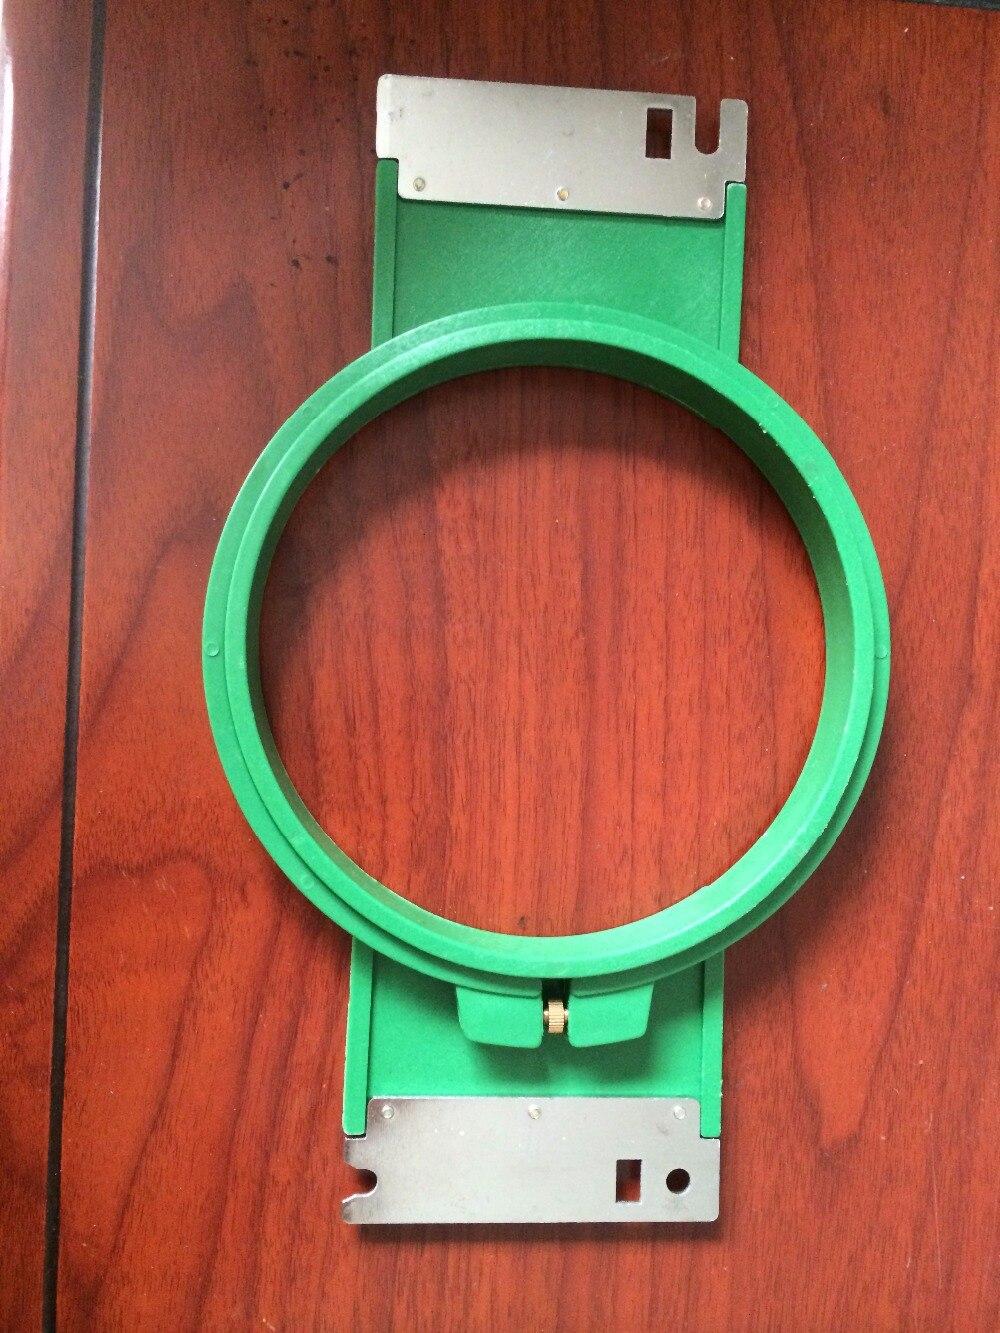 12ks VÝŠIVKY NÁHRADNÍ DÍLY Tajima ZELENÁ Obruče 150mm ROUND tvar Celková délka 270mm TAJIMA trubkový rám TAJIMA trubkový rám